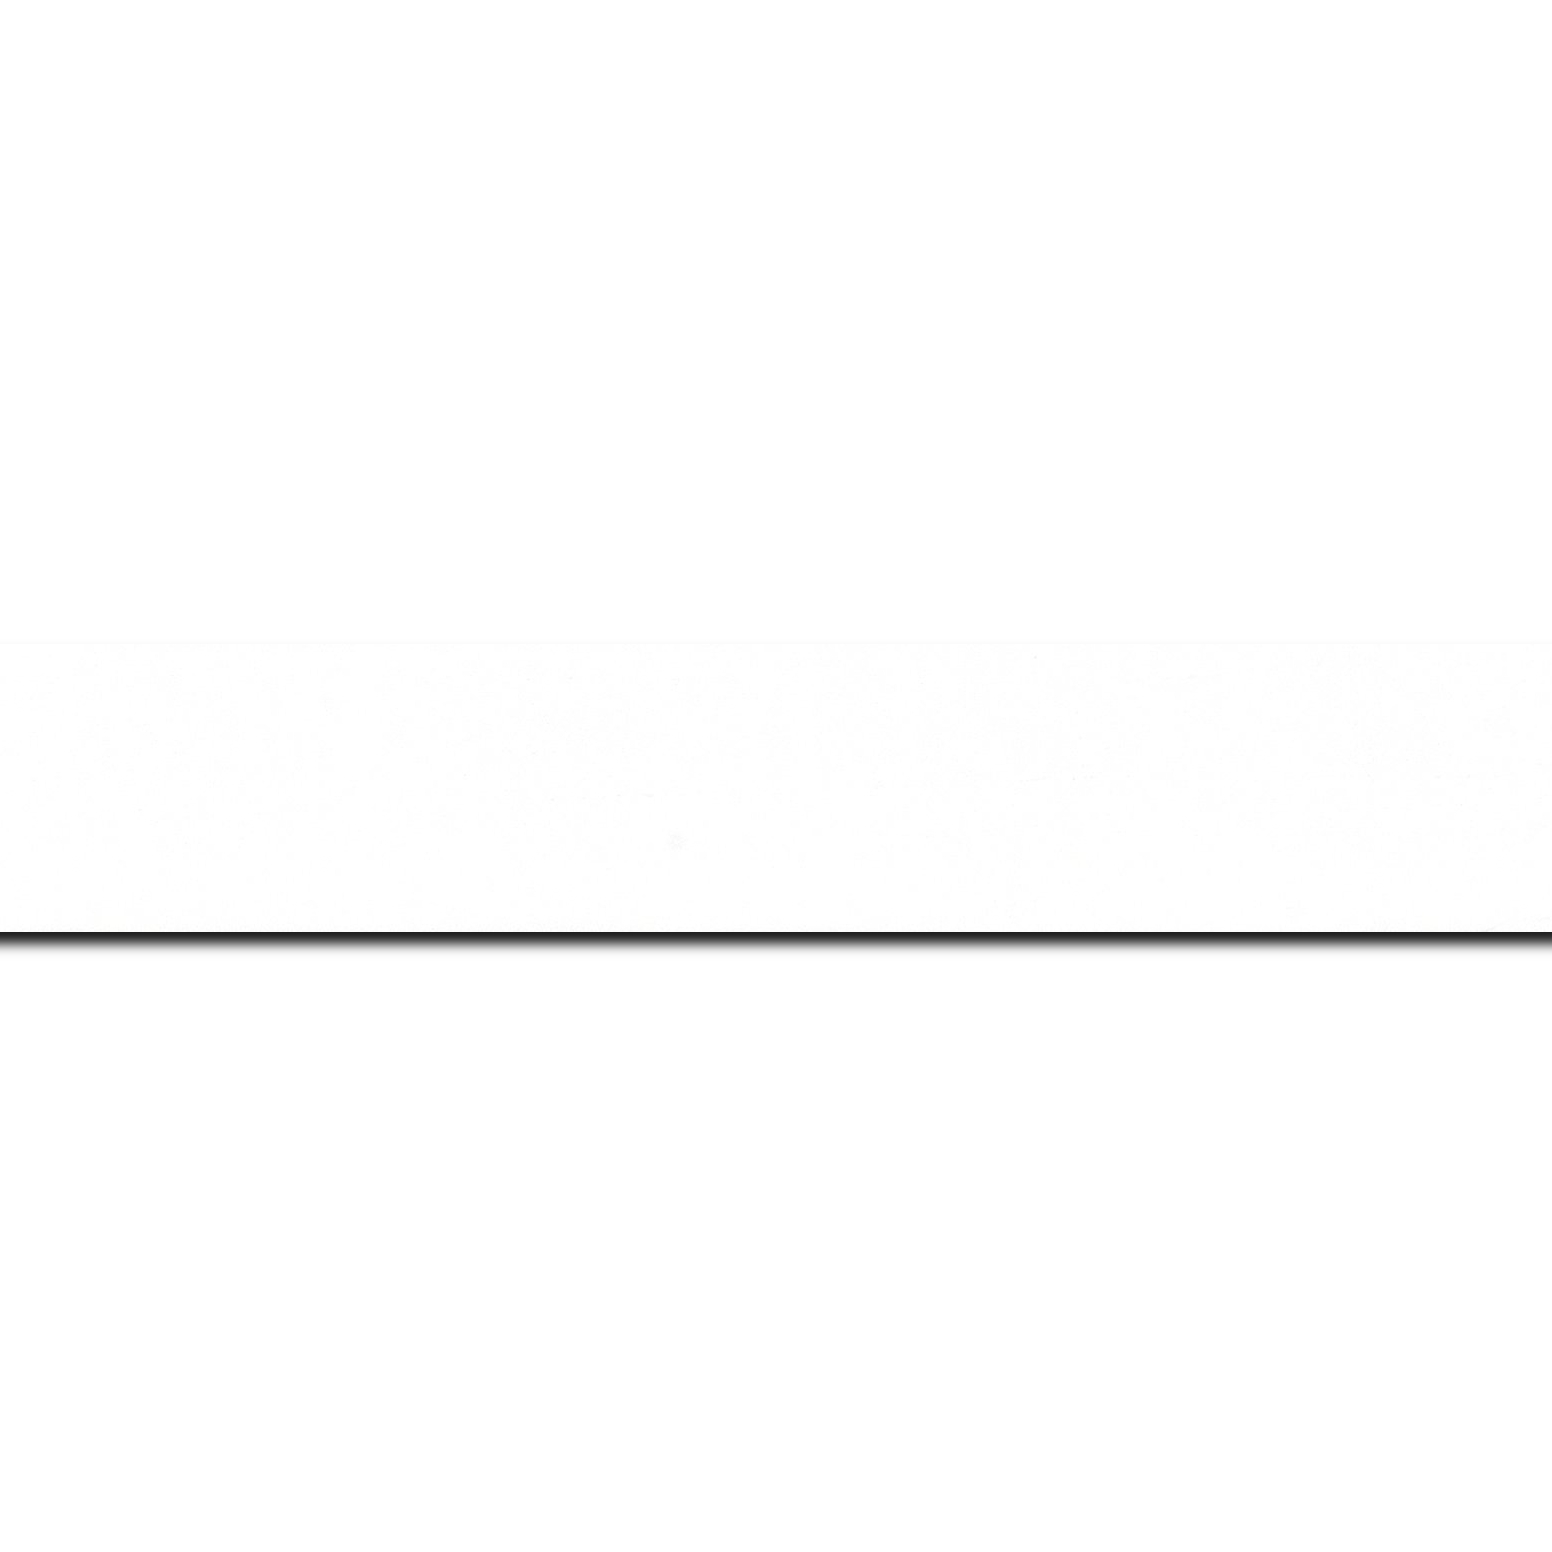 Baguette longueur 1.40m bois profil plat largeur 3cm couleur blanc mat finition pore bouché effet cube (le sujet qui sera glissé dans le cadre sera en retrait de la face du cadre de 1.4cm assurant un effet très contemporain)